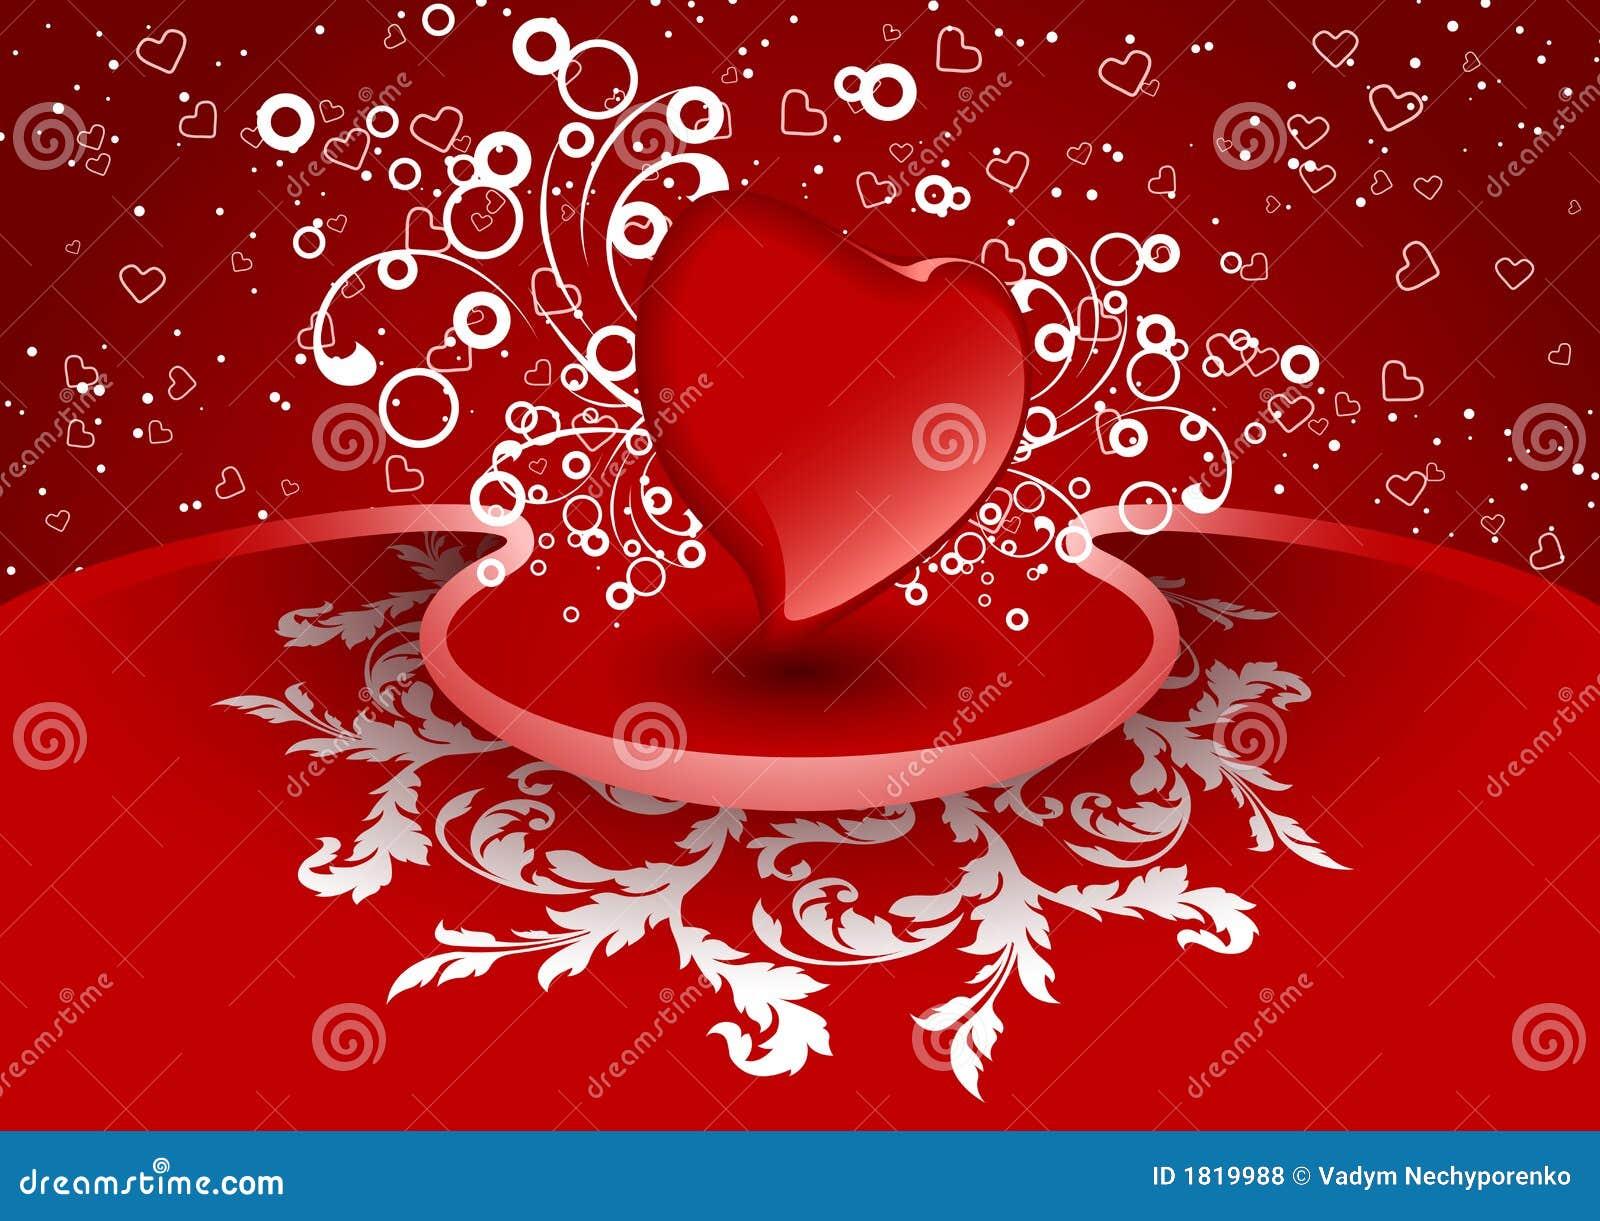 Koloru karty twórcze pozdrowienia walentynki czerwone serce wektora